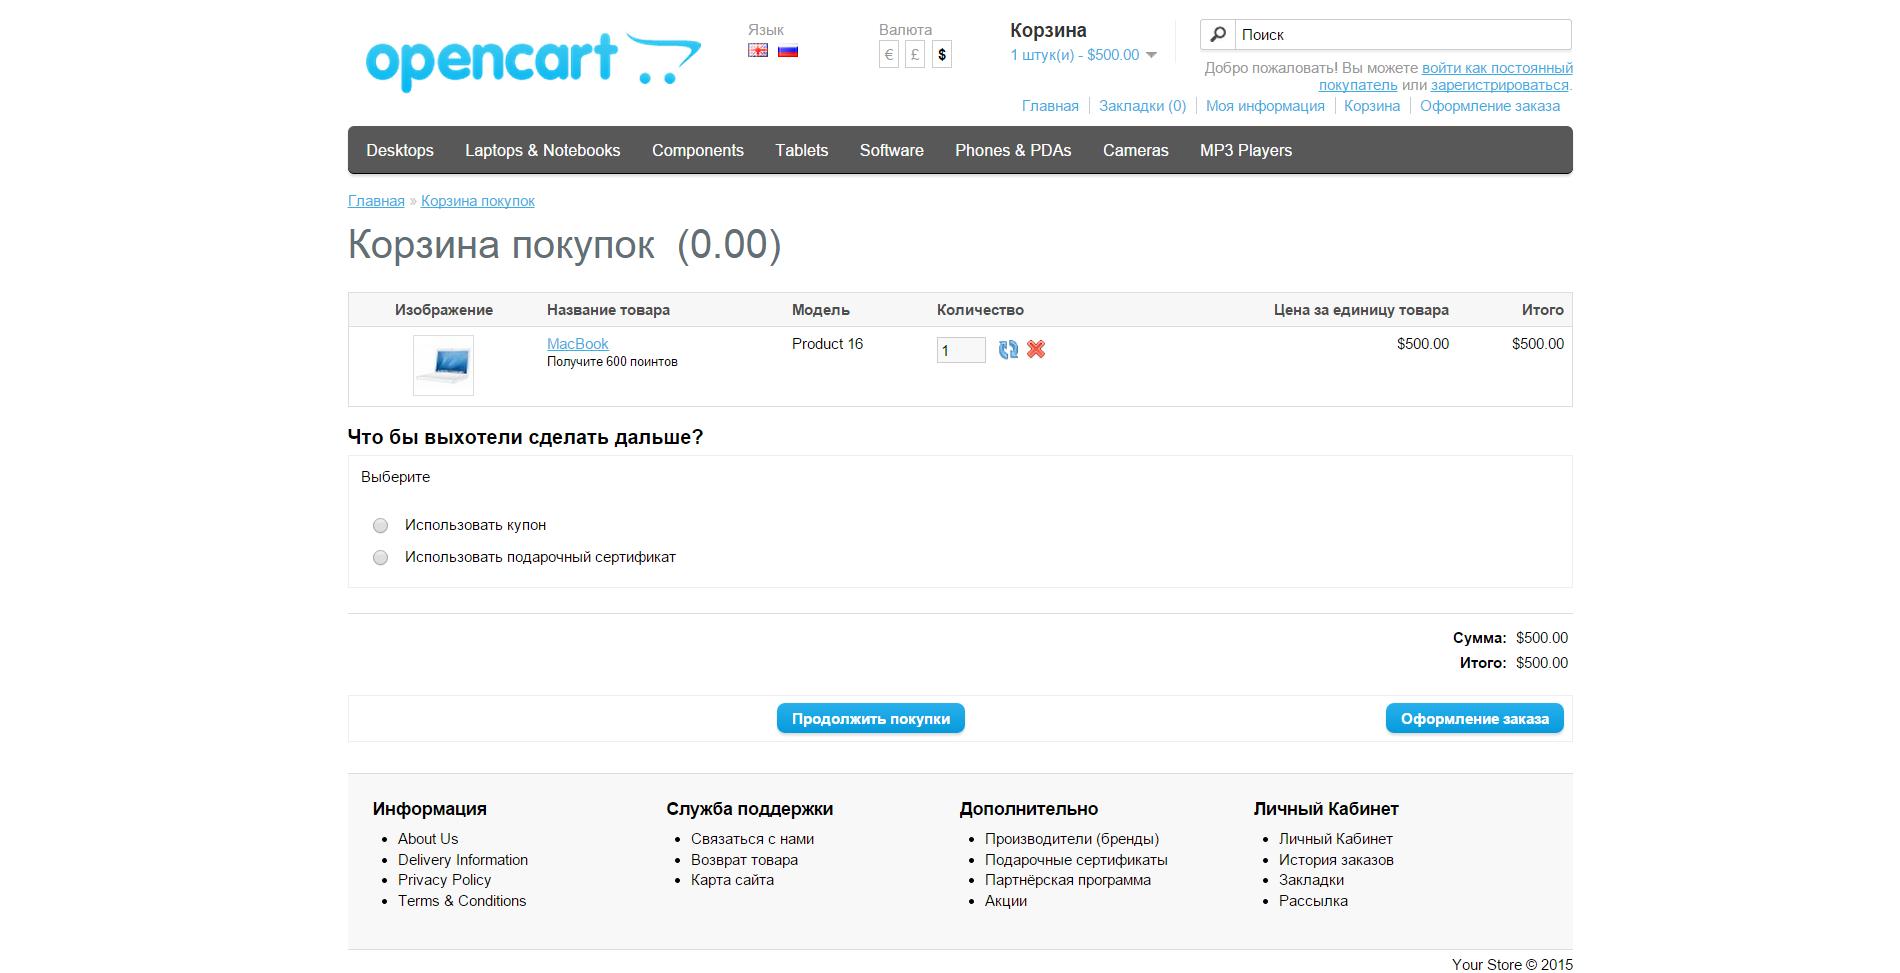 Скидки для групп покупателей Opencart: стандартный пользователь/незарегистрированный